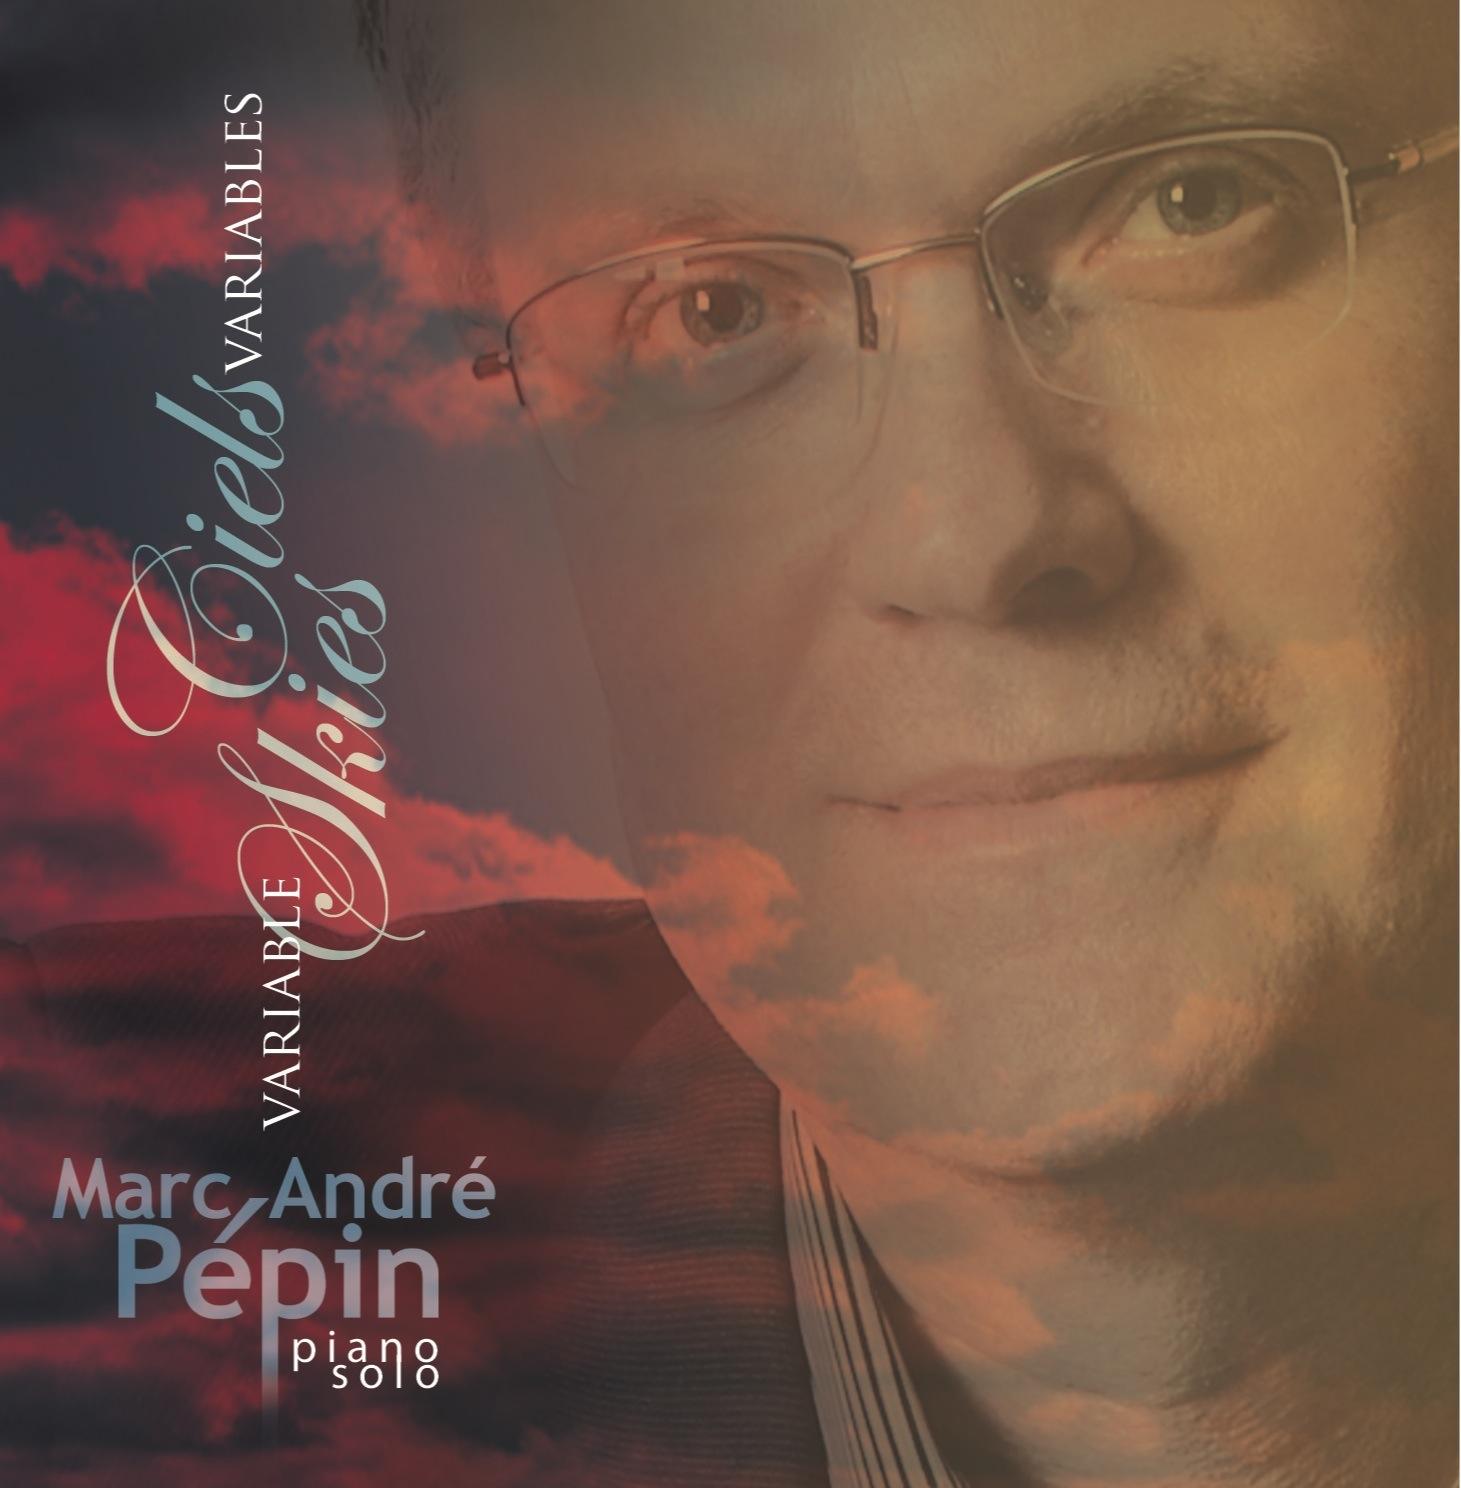 Marc-André Pépin